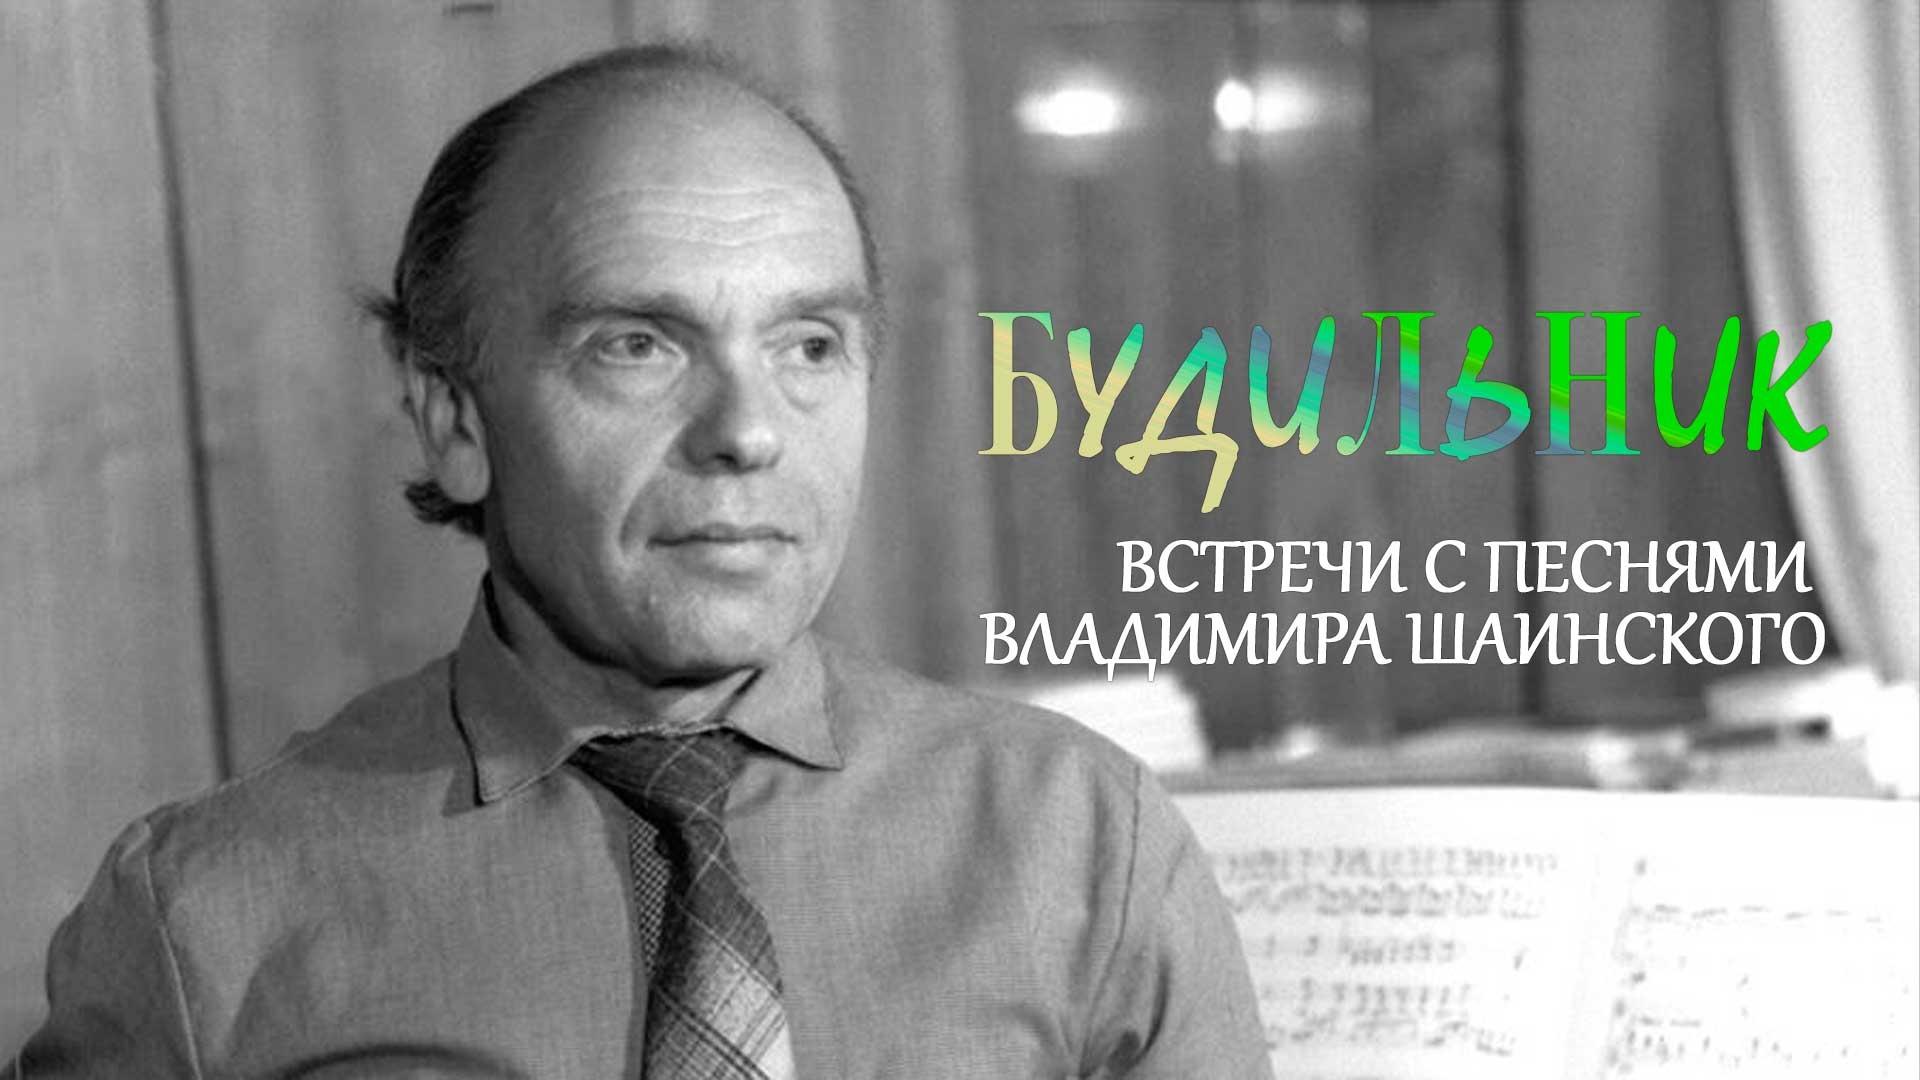 Будильник. Встречи с песнями Владимира Шаинского